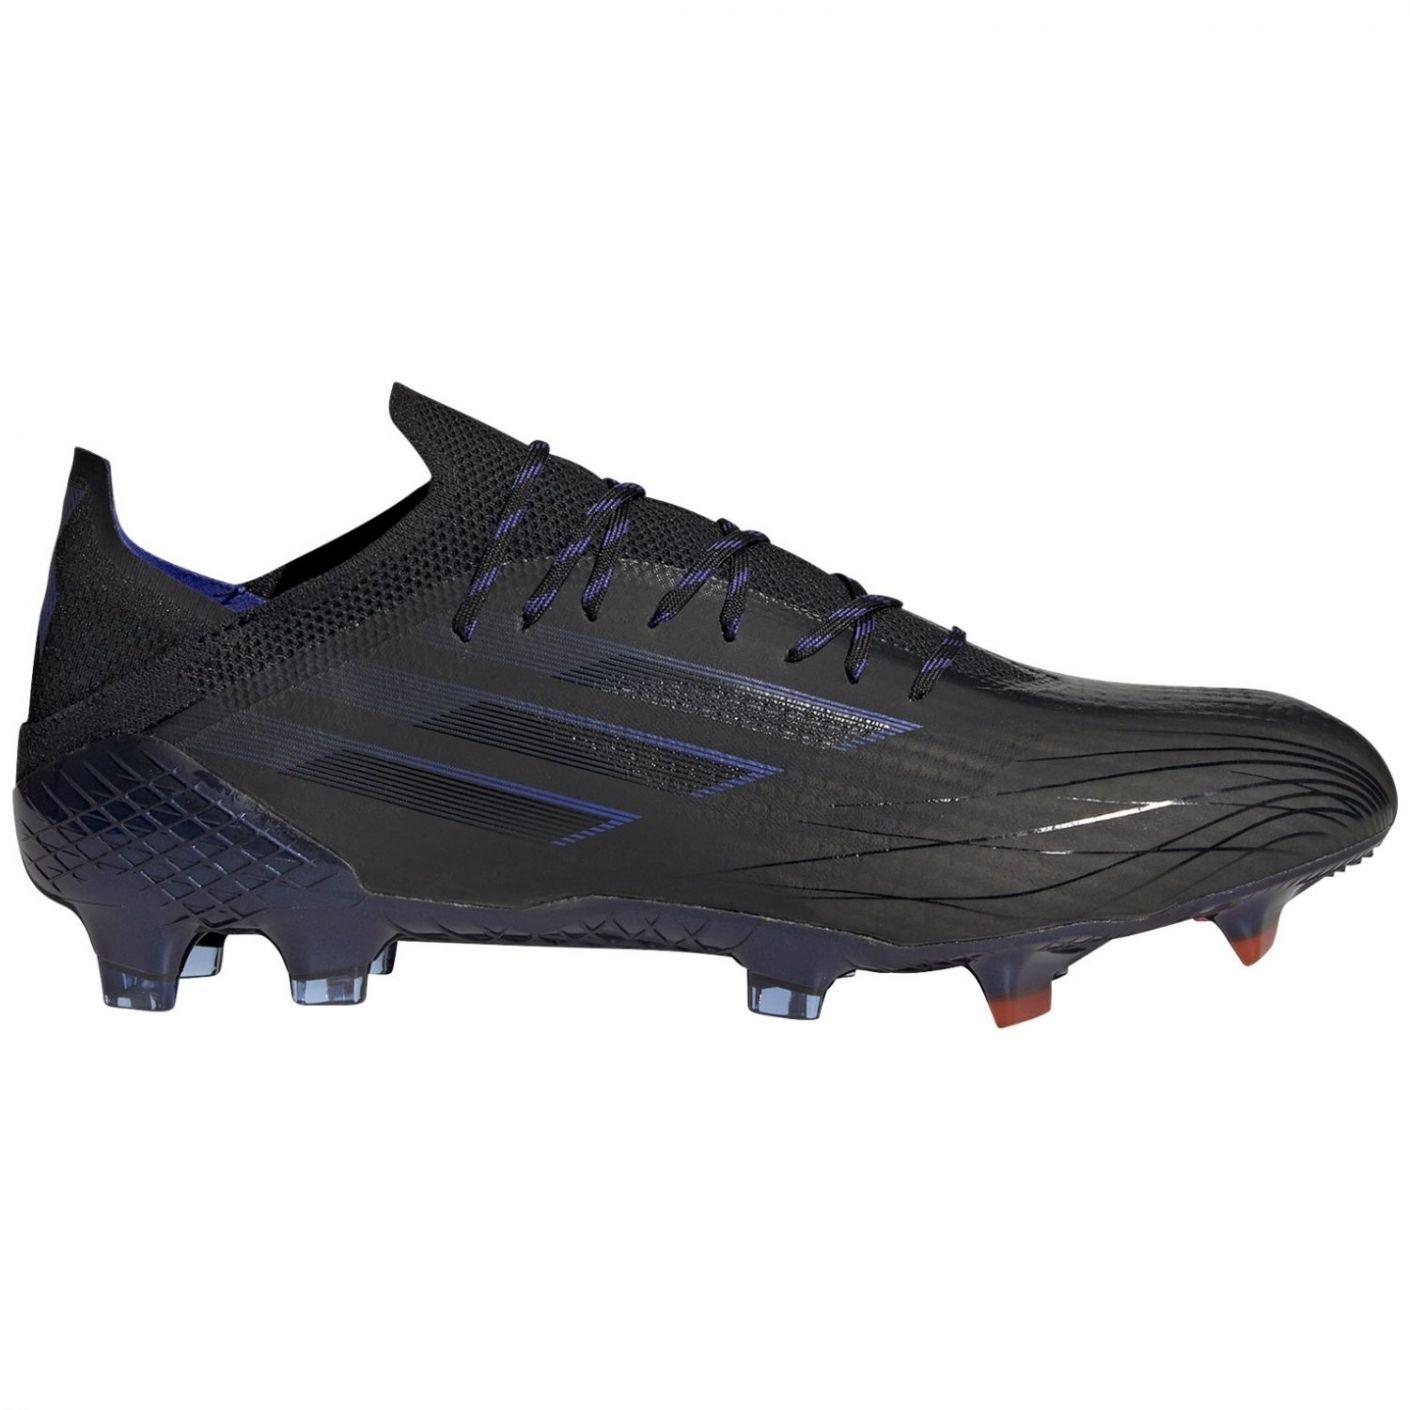 adidas X Speedflow.1 Gras Voetbalschoenen (FG) Zwart Blauw Geel